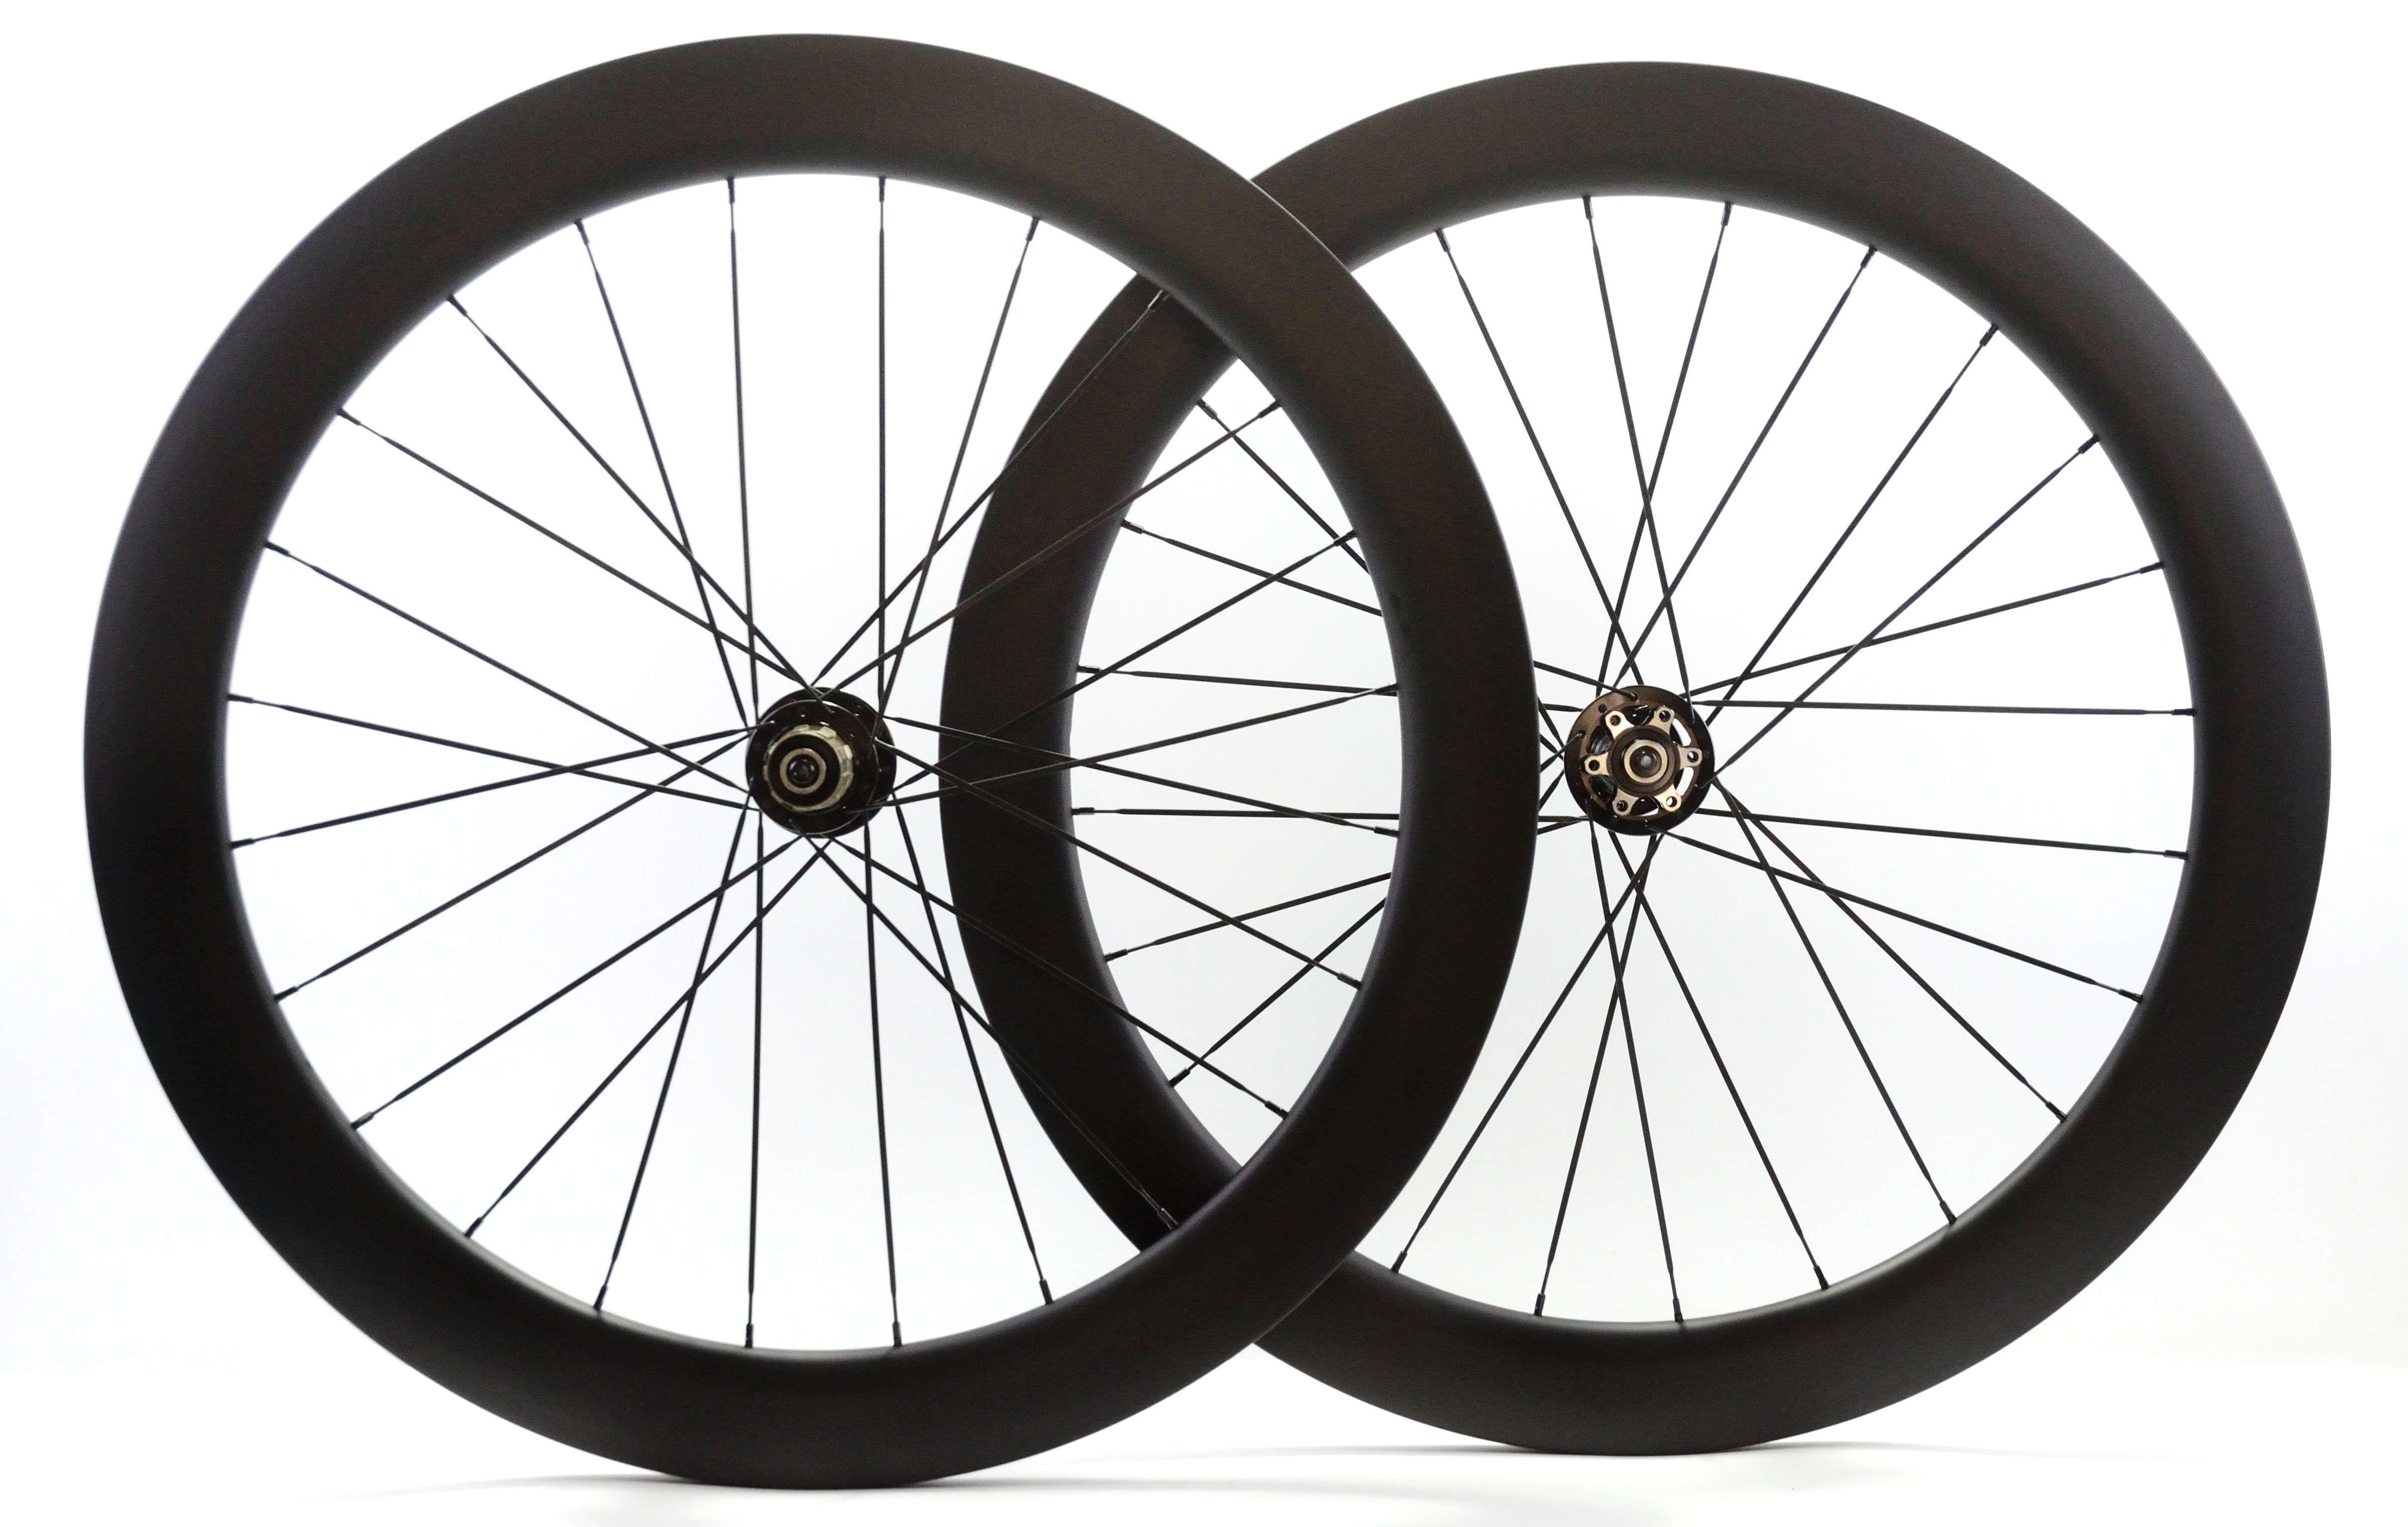 Roues de fibre de carbone 700C profondeur 60mm frein frein à disque roues 25mm largeur pneu roue vélo de route avec moyeu 791/792